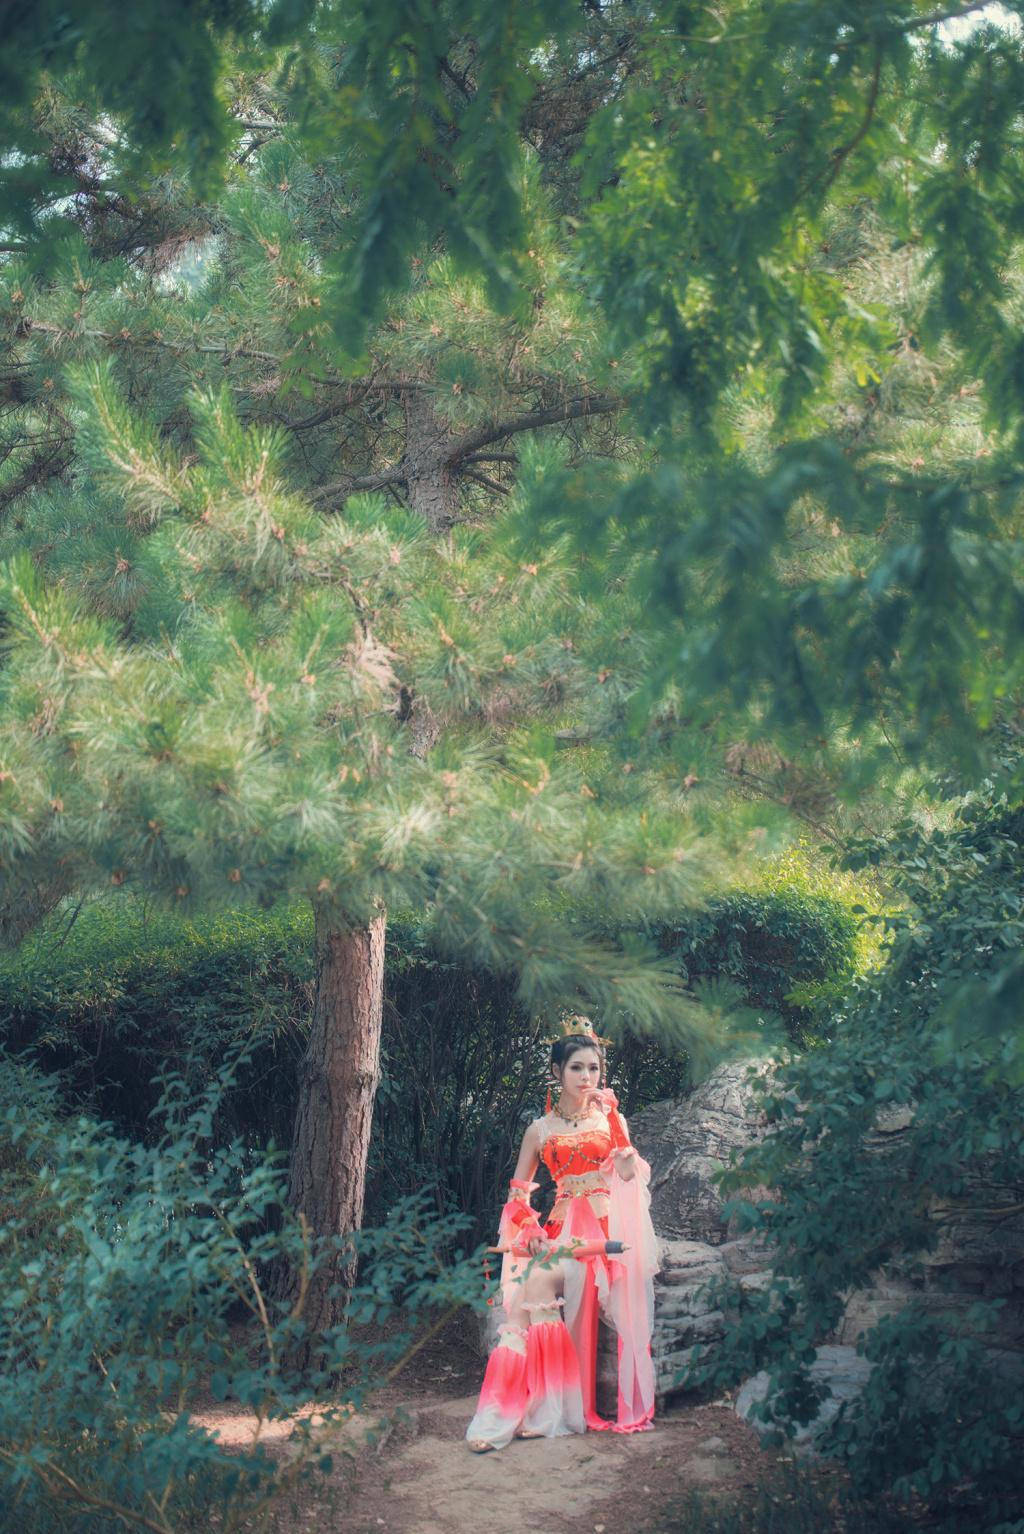 剑网3七秀优秀cos欣赏推荐 一弄红袖半藏森林